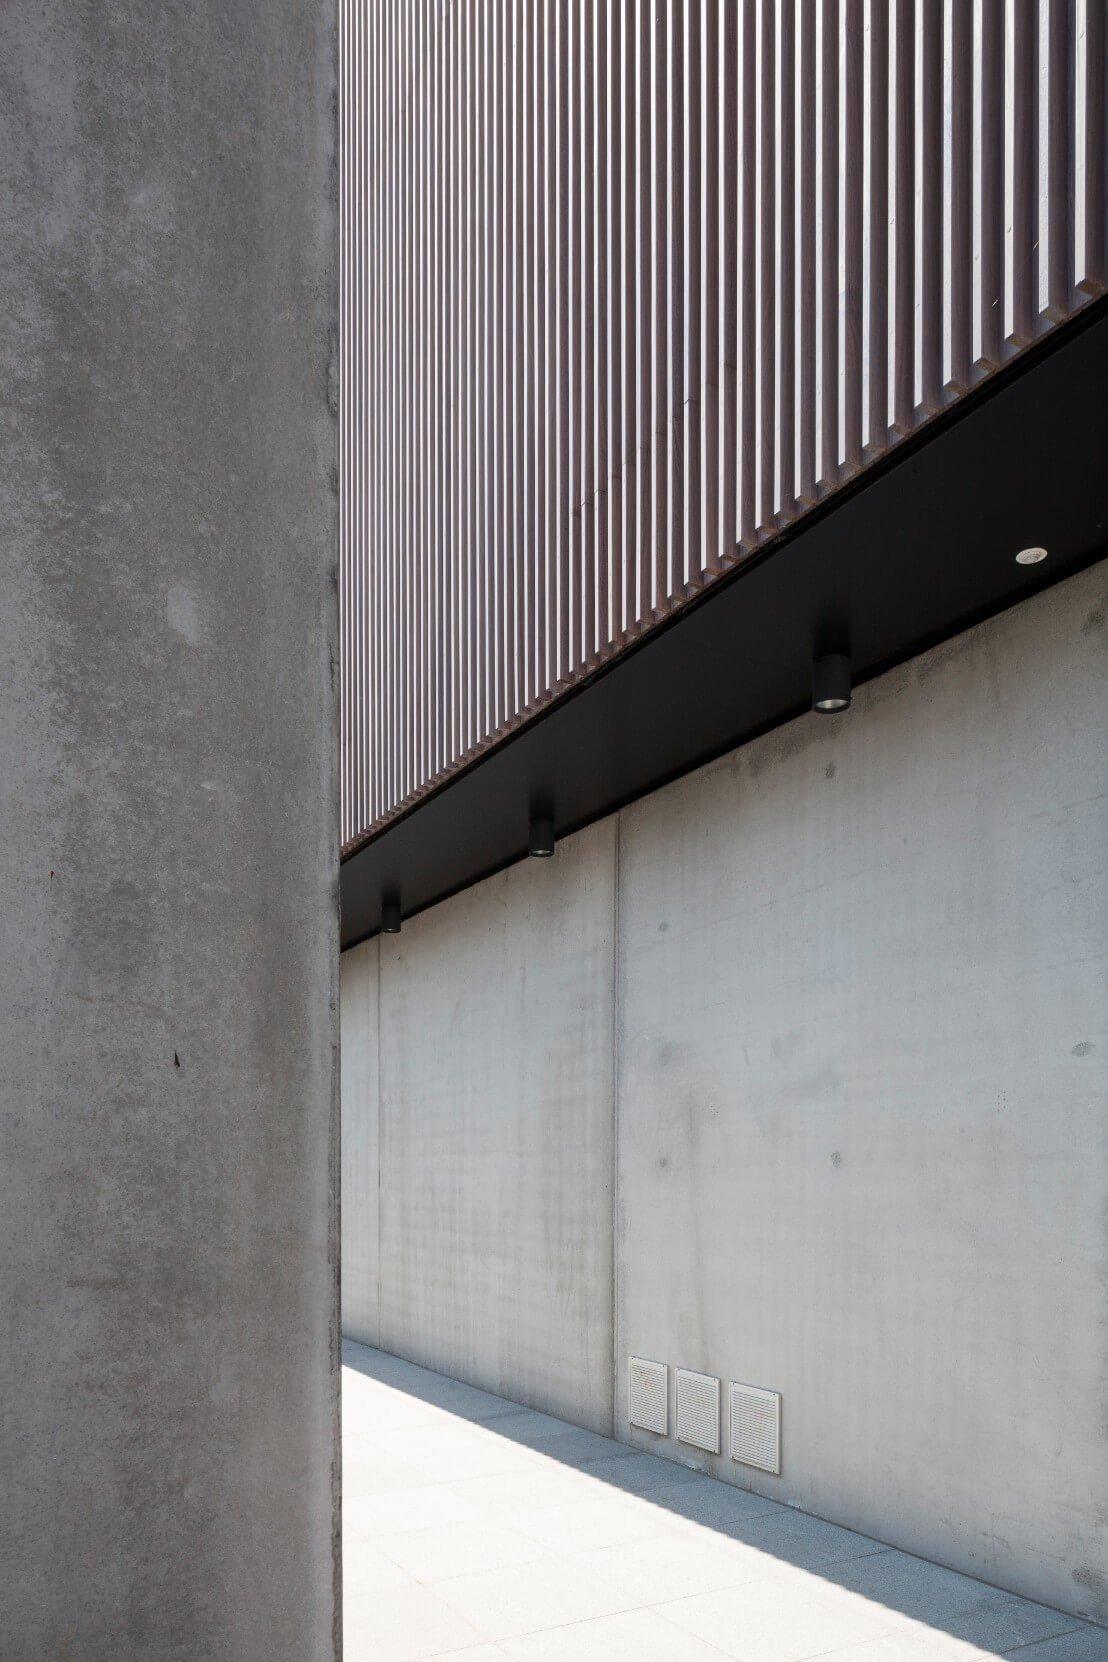 Res-JeanProuve-Rietveldprojects-photobytimvandevelde-7.jpg